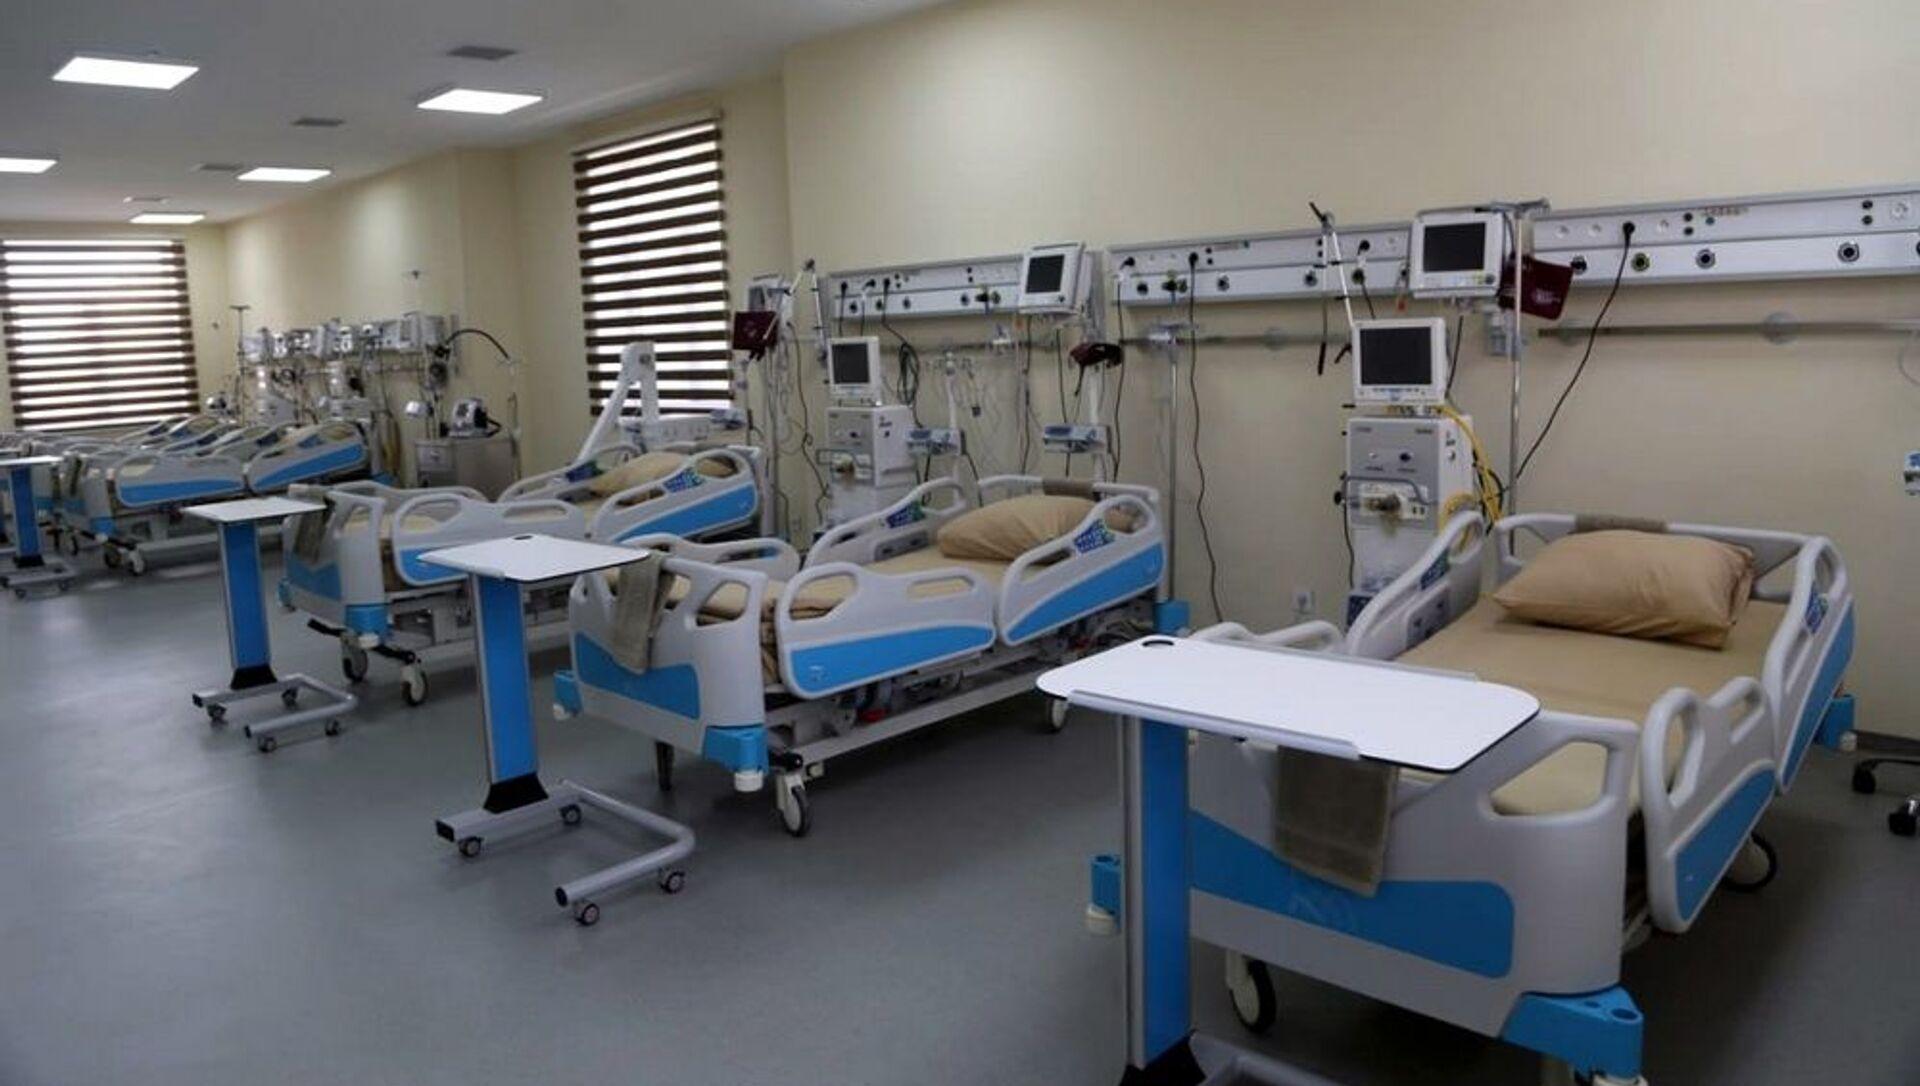 Закир Гасанов принял участие в открытии нового военного госпиталя в прифронтовой зоне - Sputnik Азербайджан, 1920, 03.04.2021